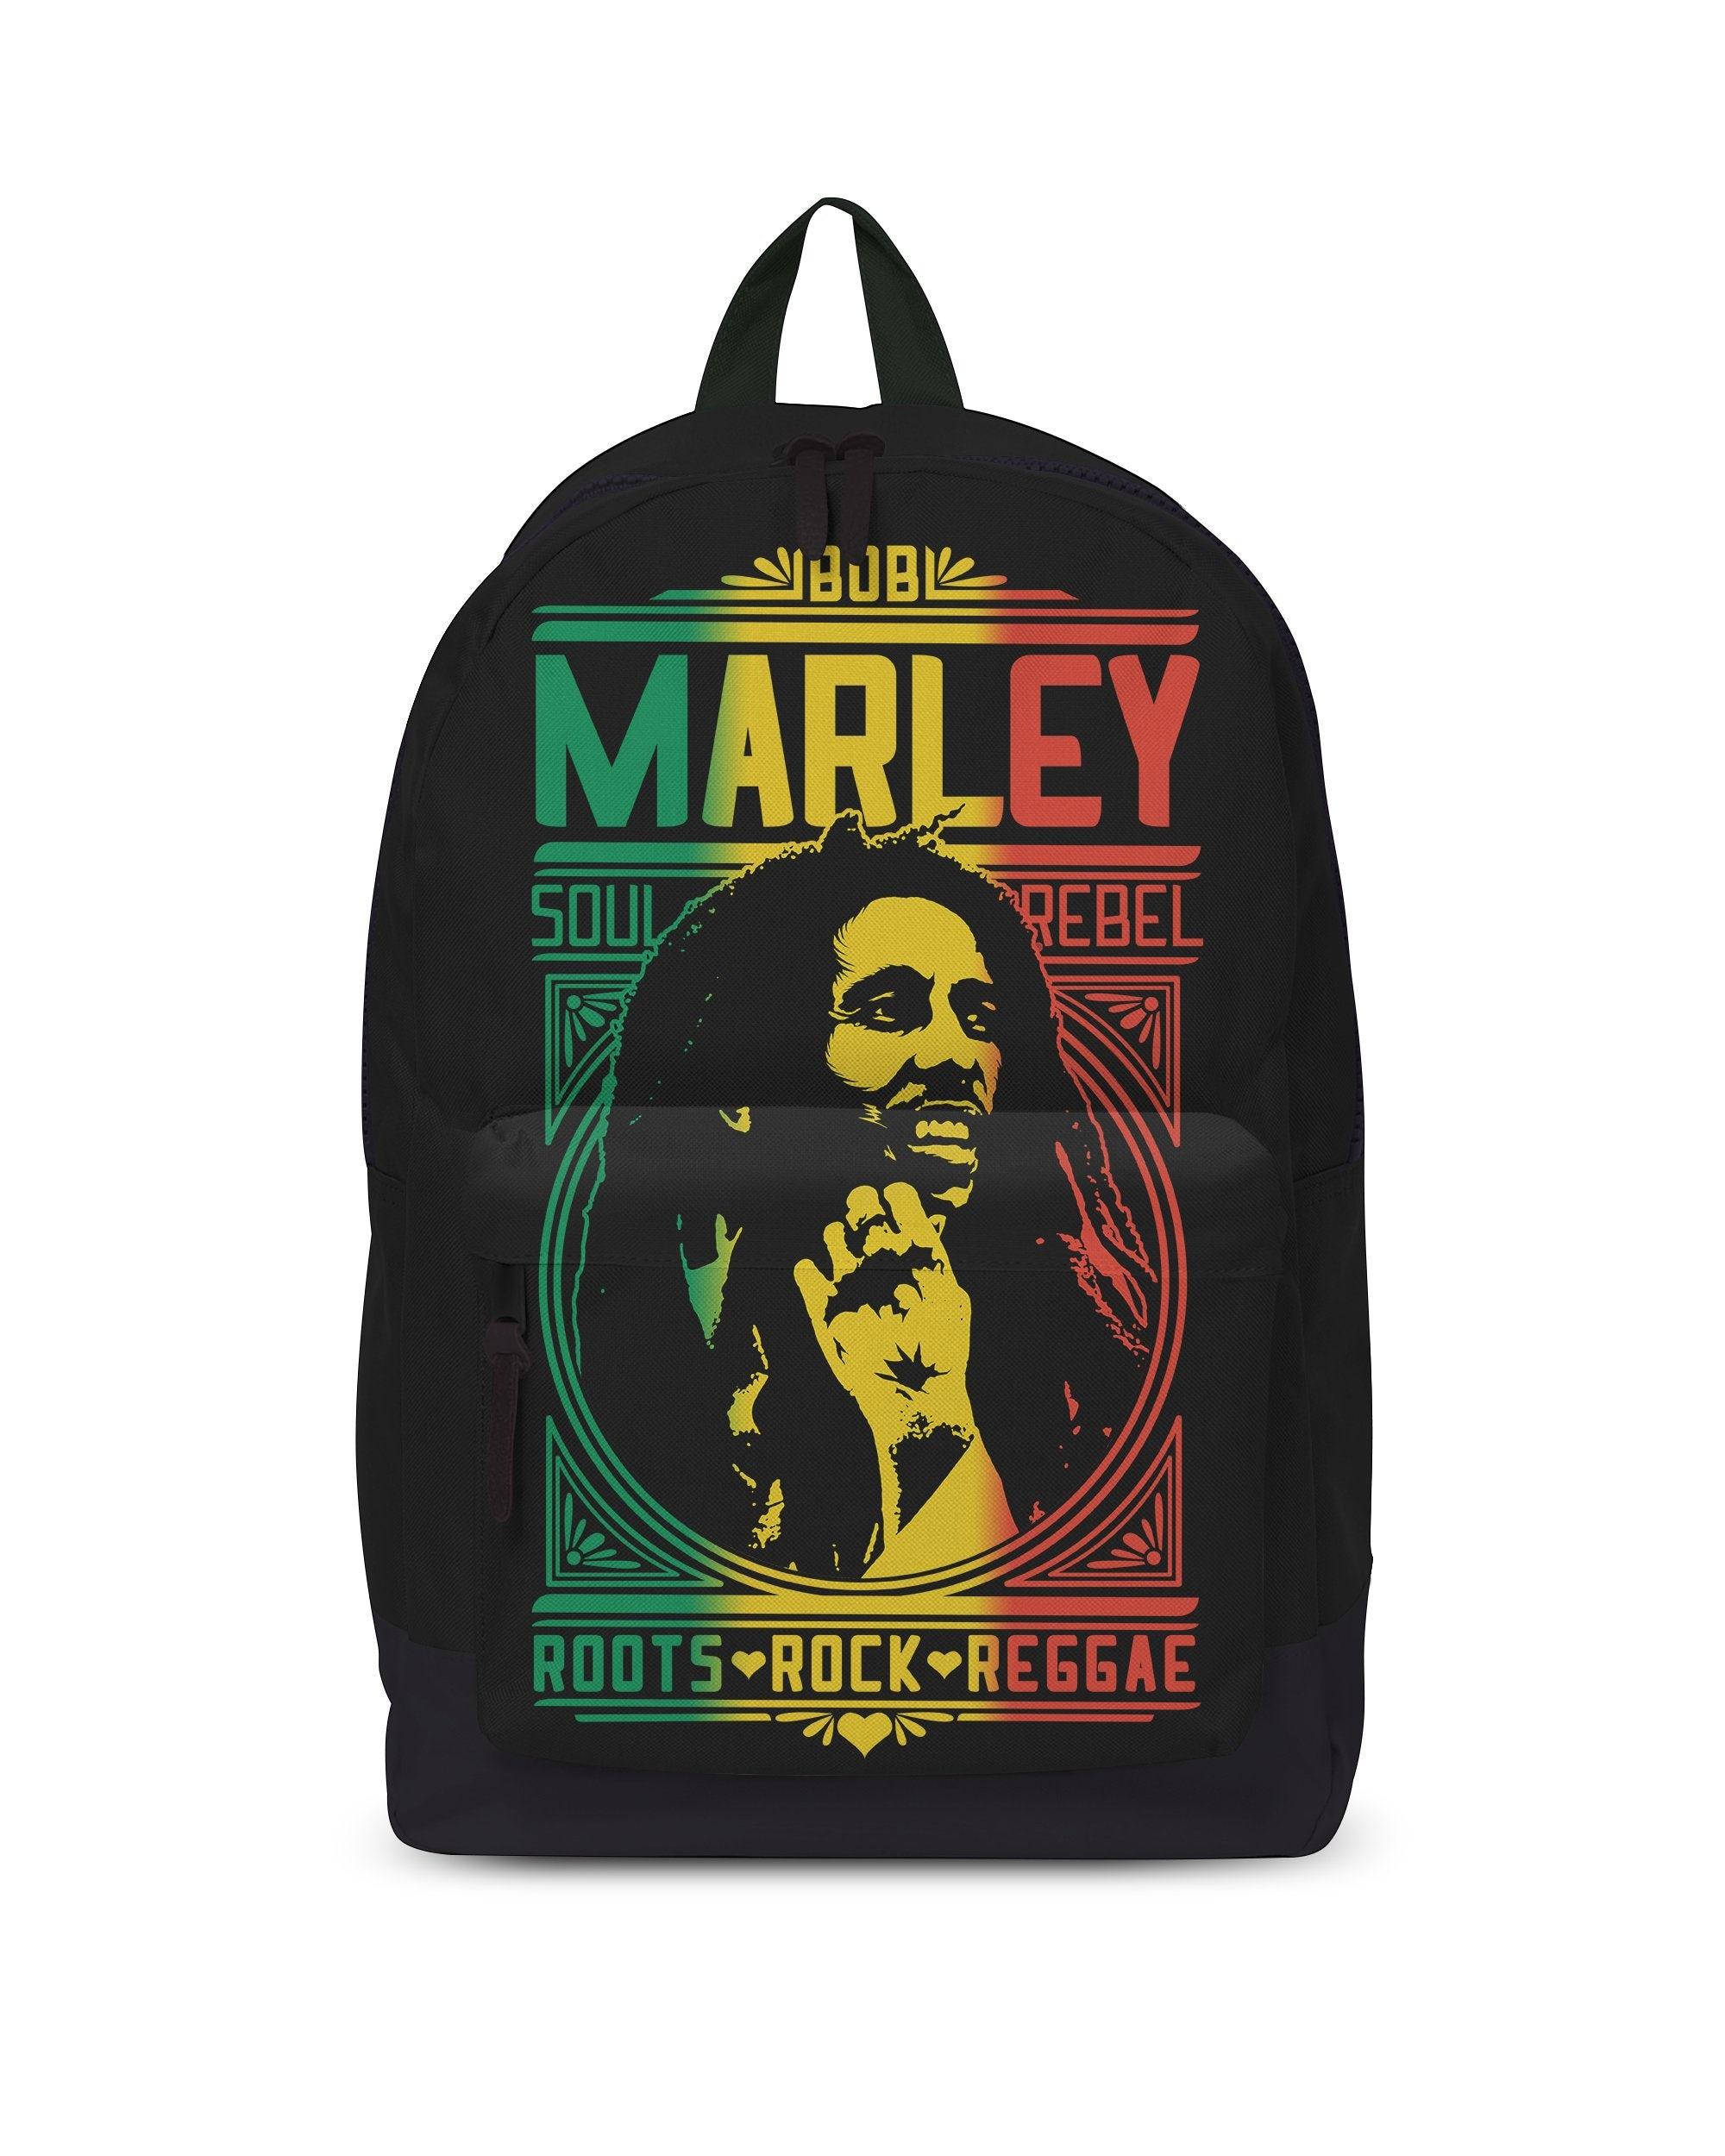 Rock Sax Bob Marley Roots Rock Backpack